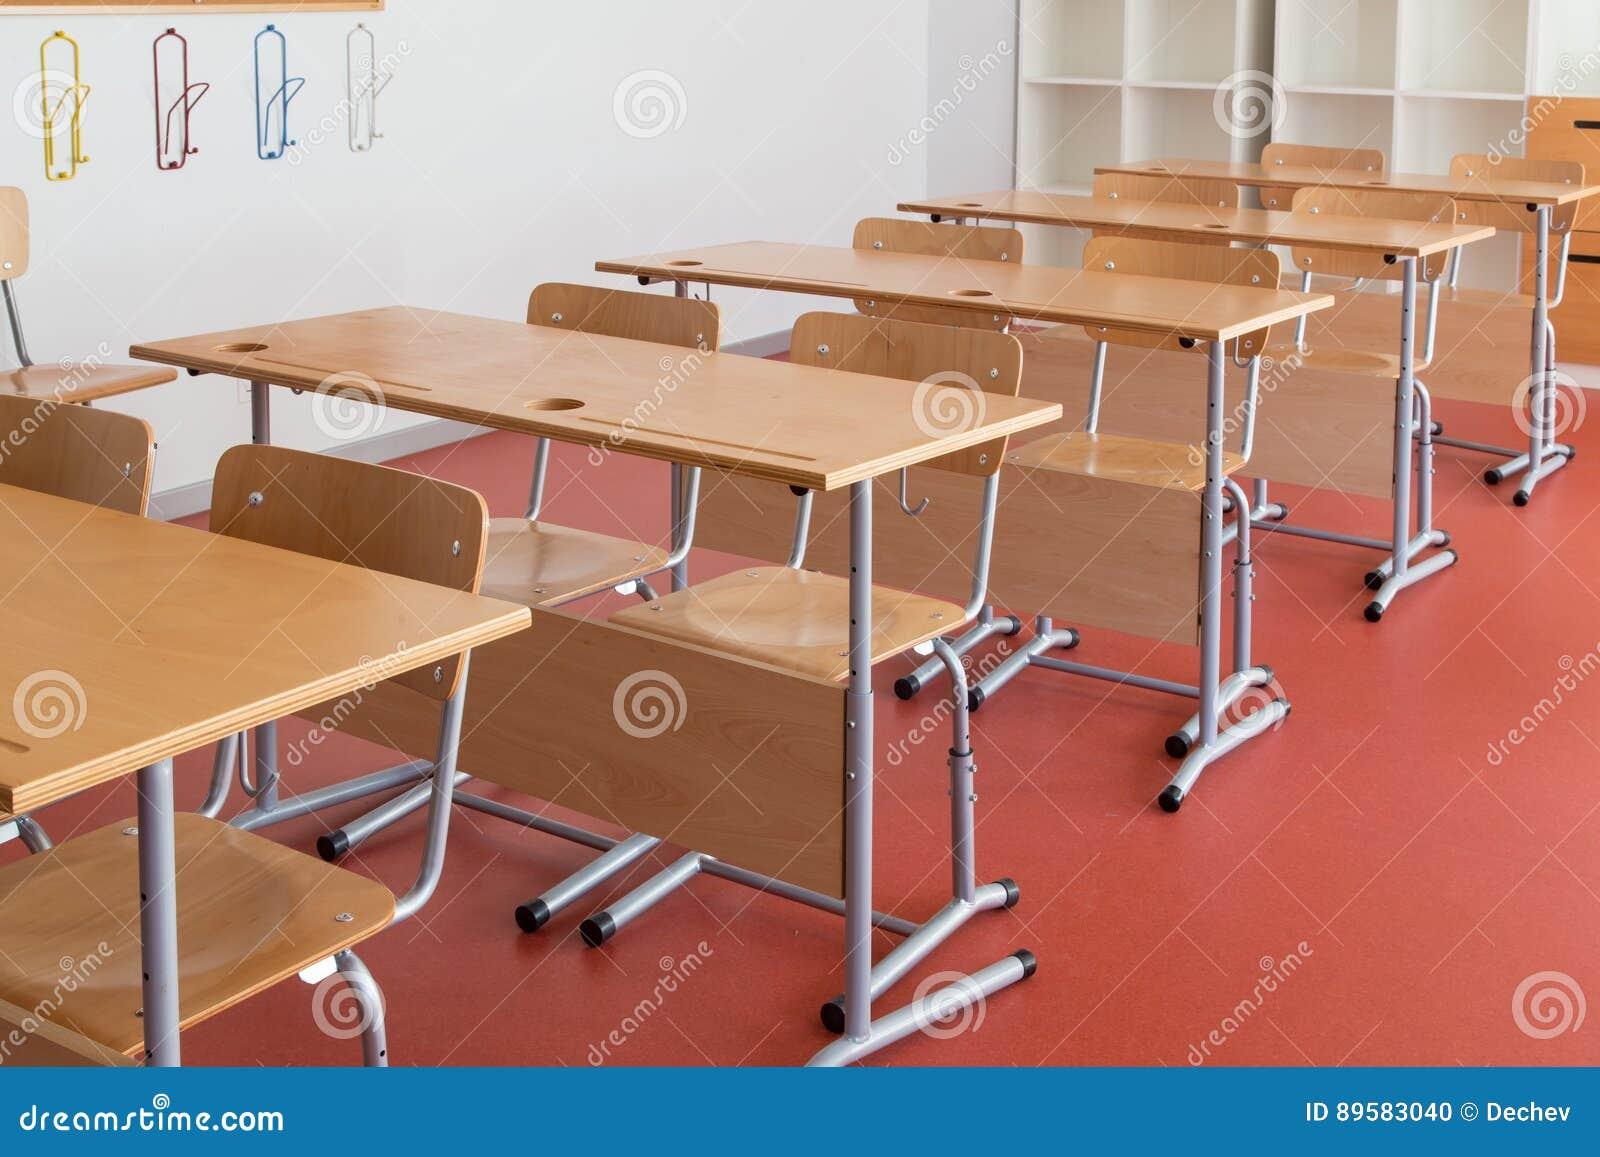 De Stock En Salle Les Classe Chaises Photo Et Bureaux Avec Bois lK1JcFT